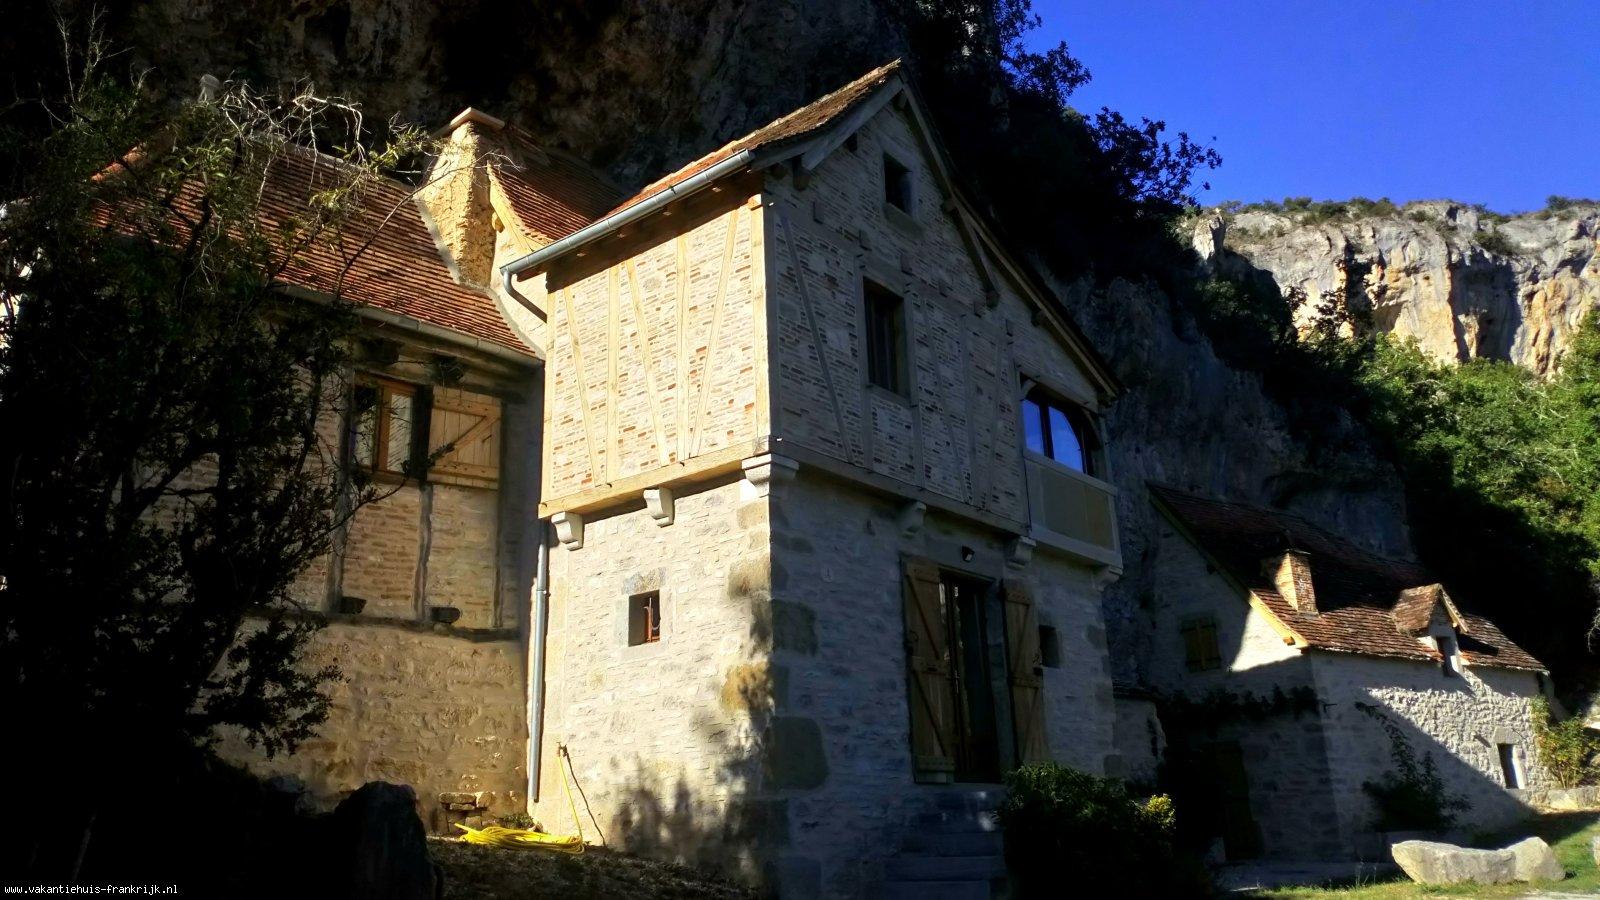 Vakantiehuis: Uniek eeuwenoud vakantieverblijf gebouwd in de rotsen langs de rivier Célé. te huur voor uw vakantie in Lot (Frankrijk)